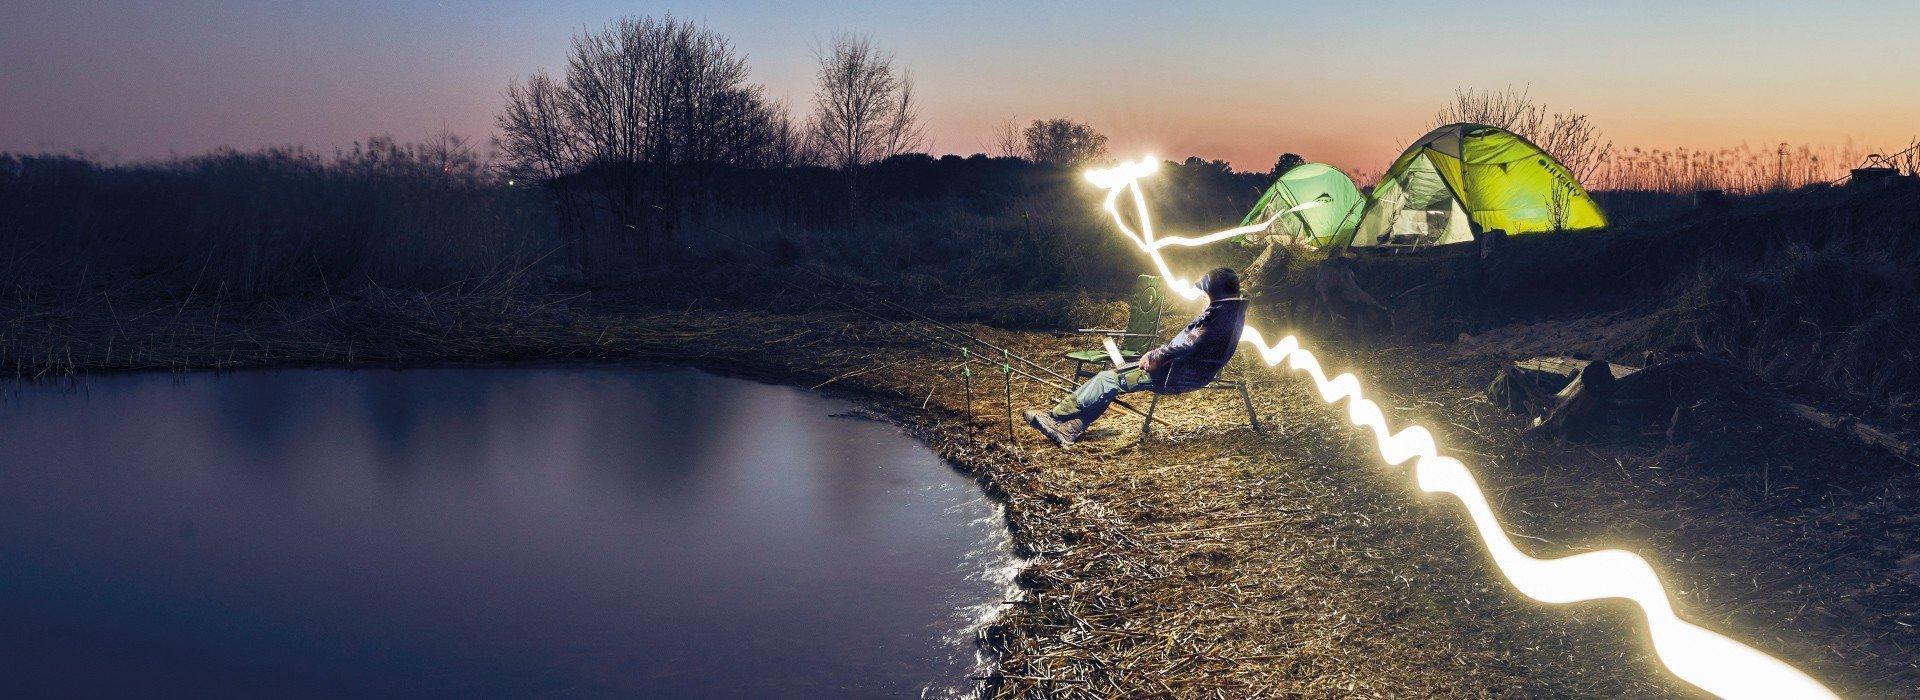 Deeper Power OutdoorlampeDie perfekte Beleuchtung für Ihre Outdoor-Aktivitäten